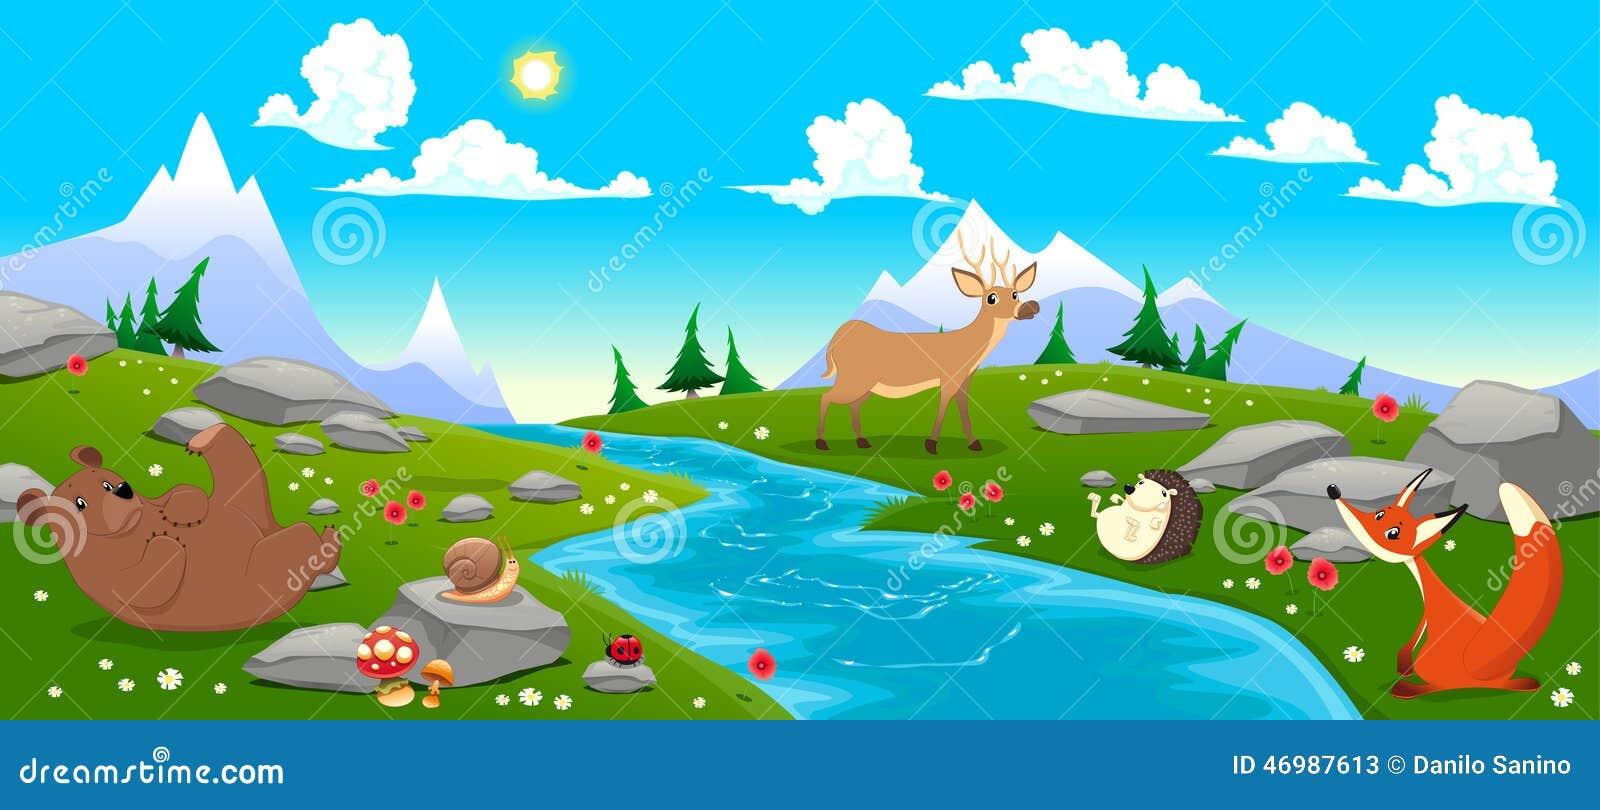 paysage de montagne avec la rivi re et les animaux illustration de vecteur illustration 46987613. Black Bedroom Furniture Sets. Home Design Ideas